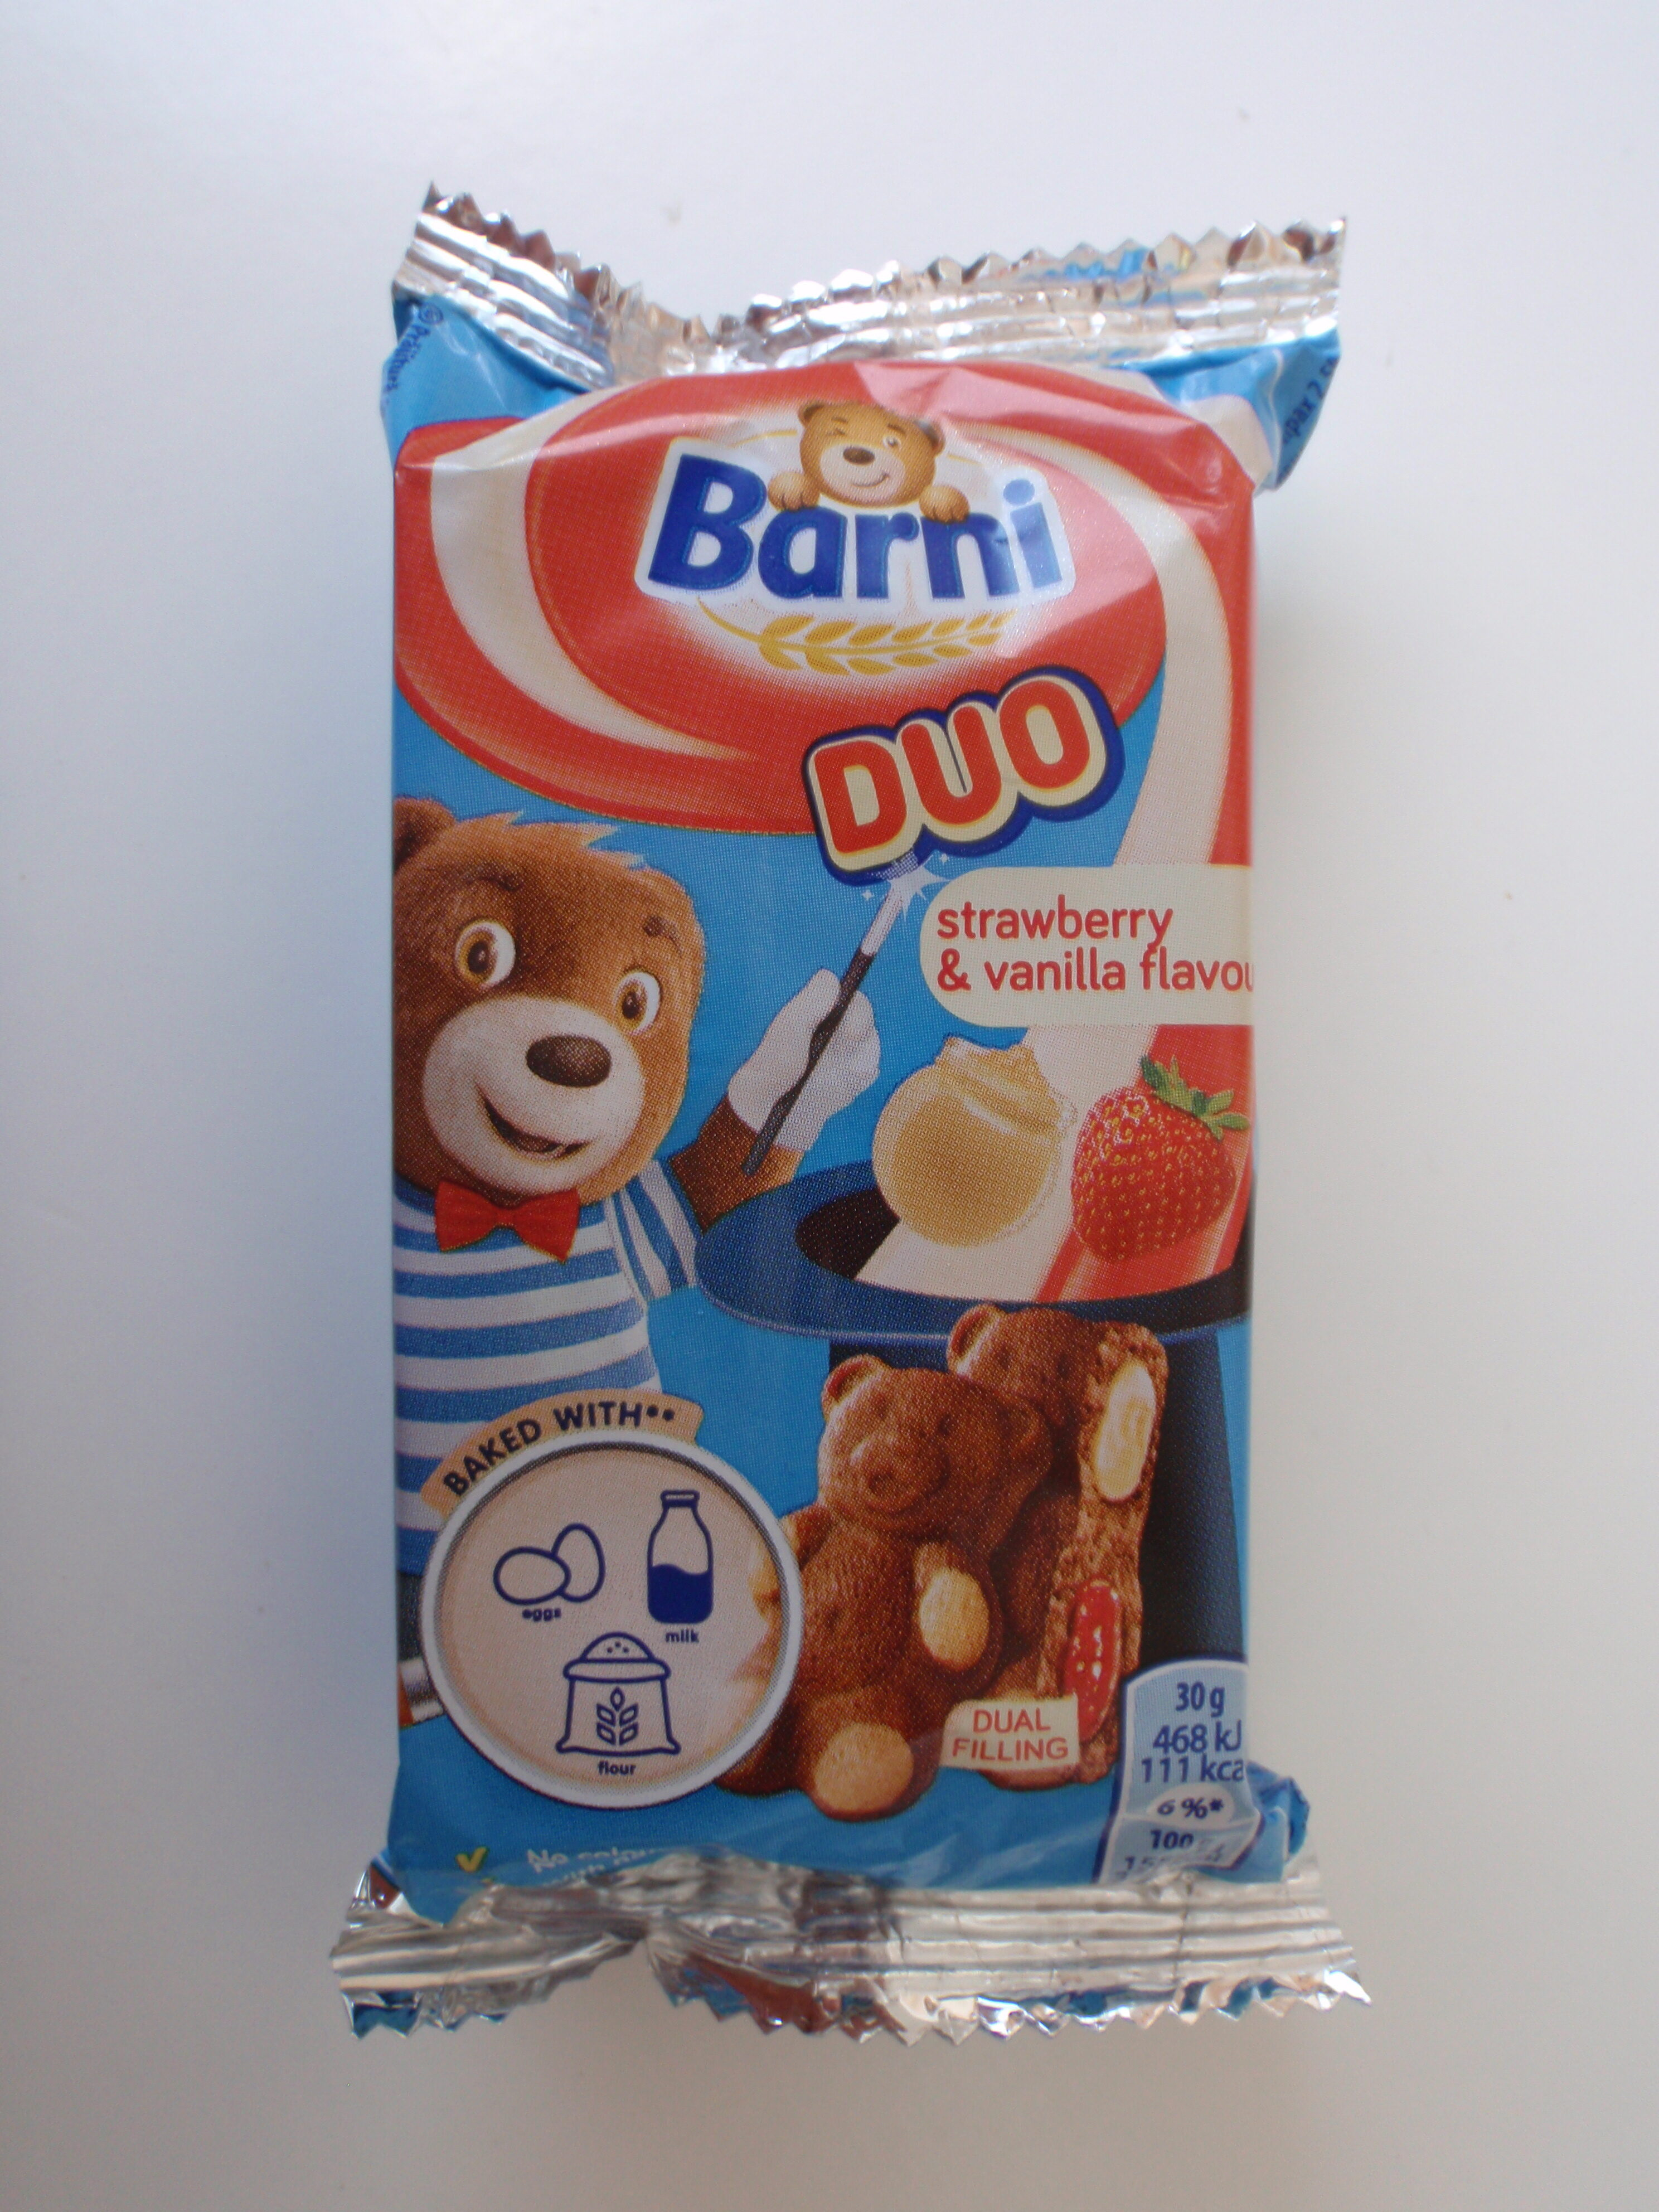 Barni duo căpșune și mere - Produit